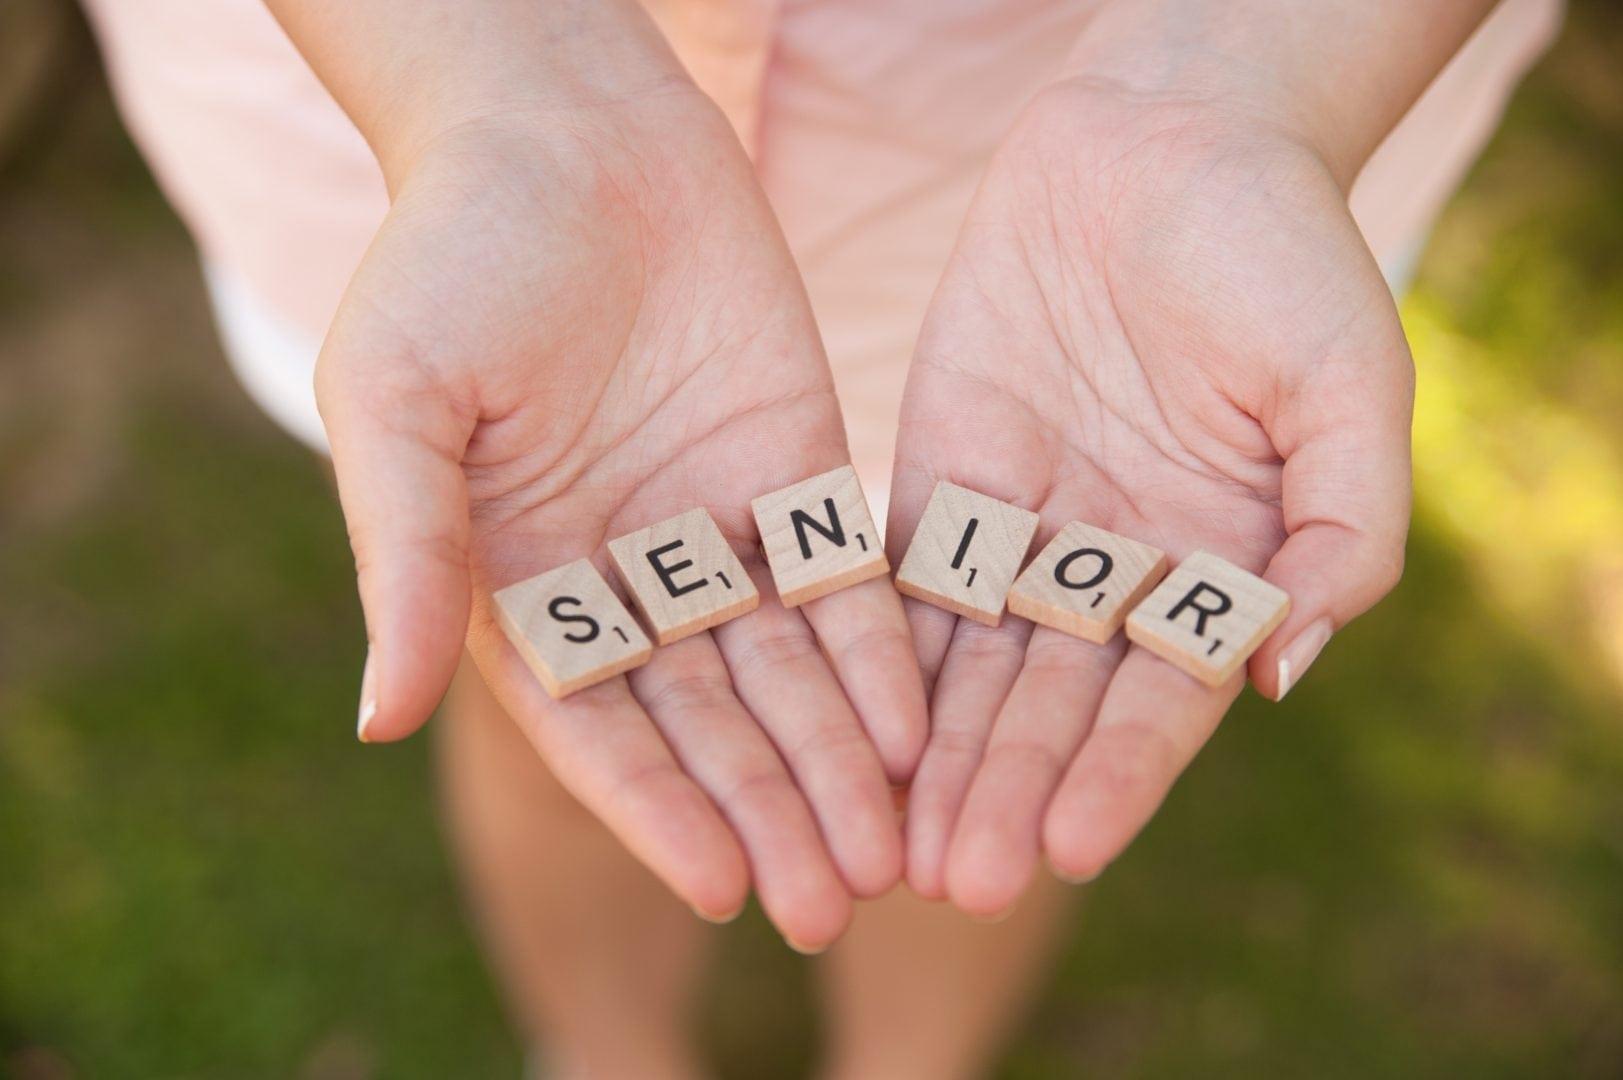 Senior Portrait, Senior Photography, Senior Session, High School Senior Pictures, Senior Pictures